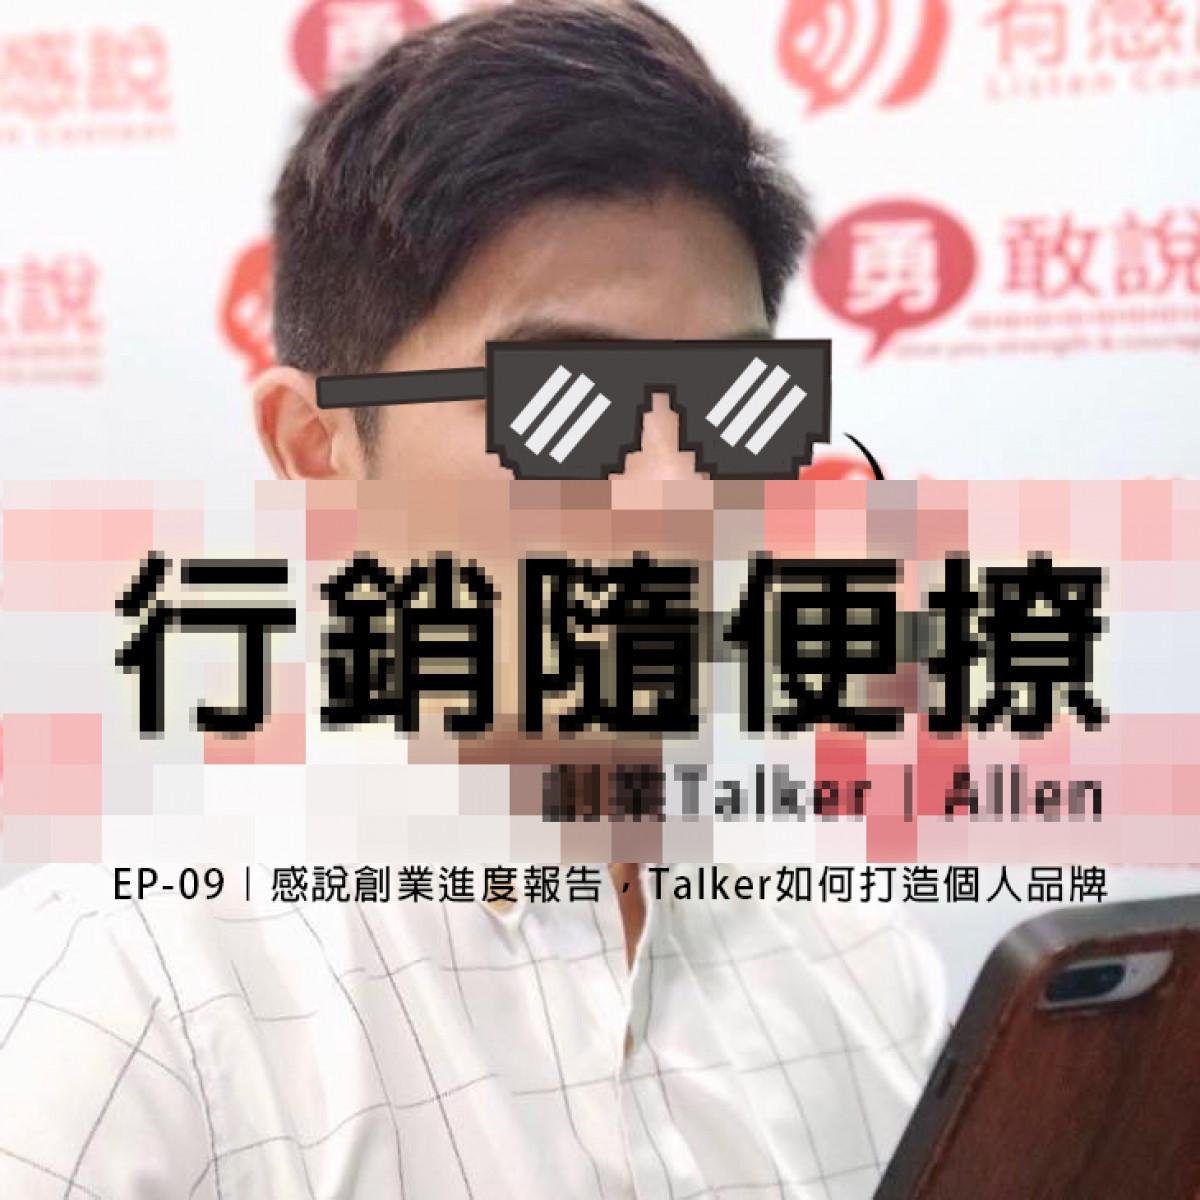 行銷隨便撩|EP09感說創業進度報告,Talker如何打造個人品牌